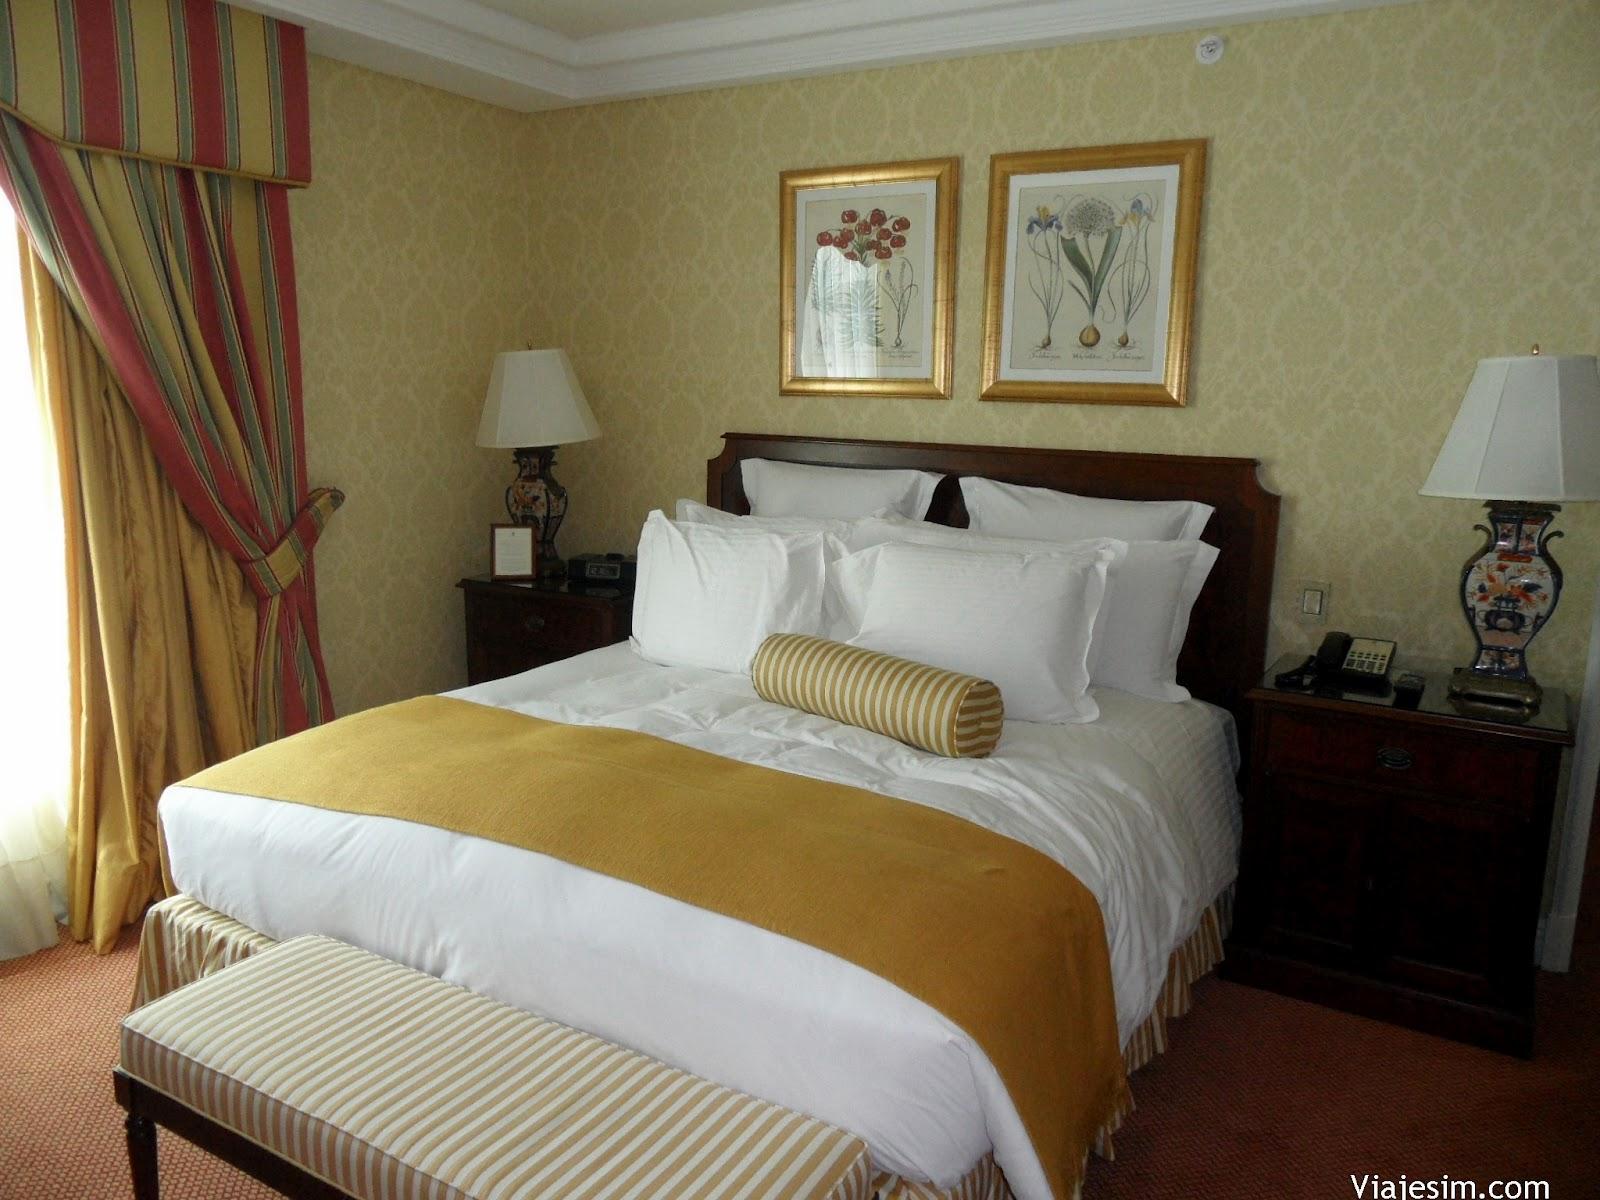 Lua de mel no Chile Hotéis Viaje Sim! #644124 1600 1200